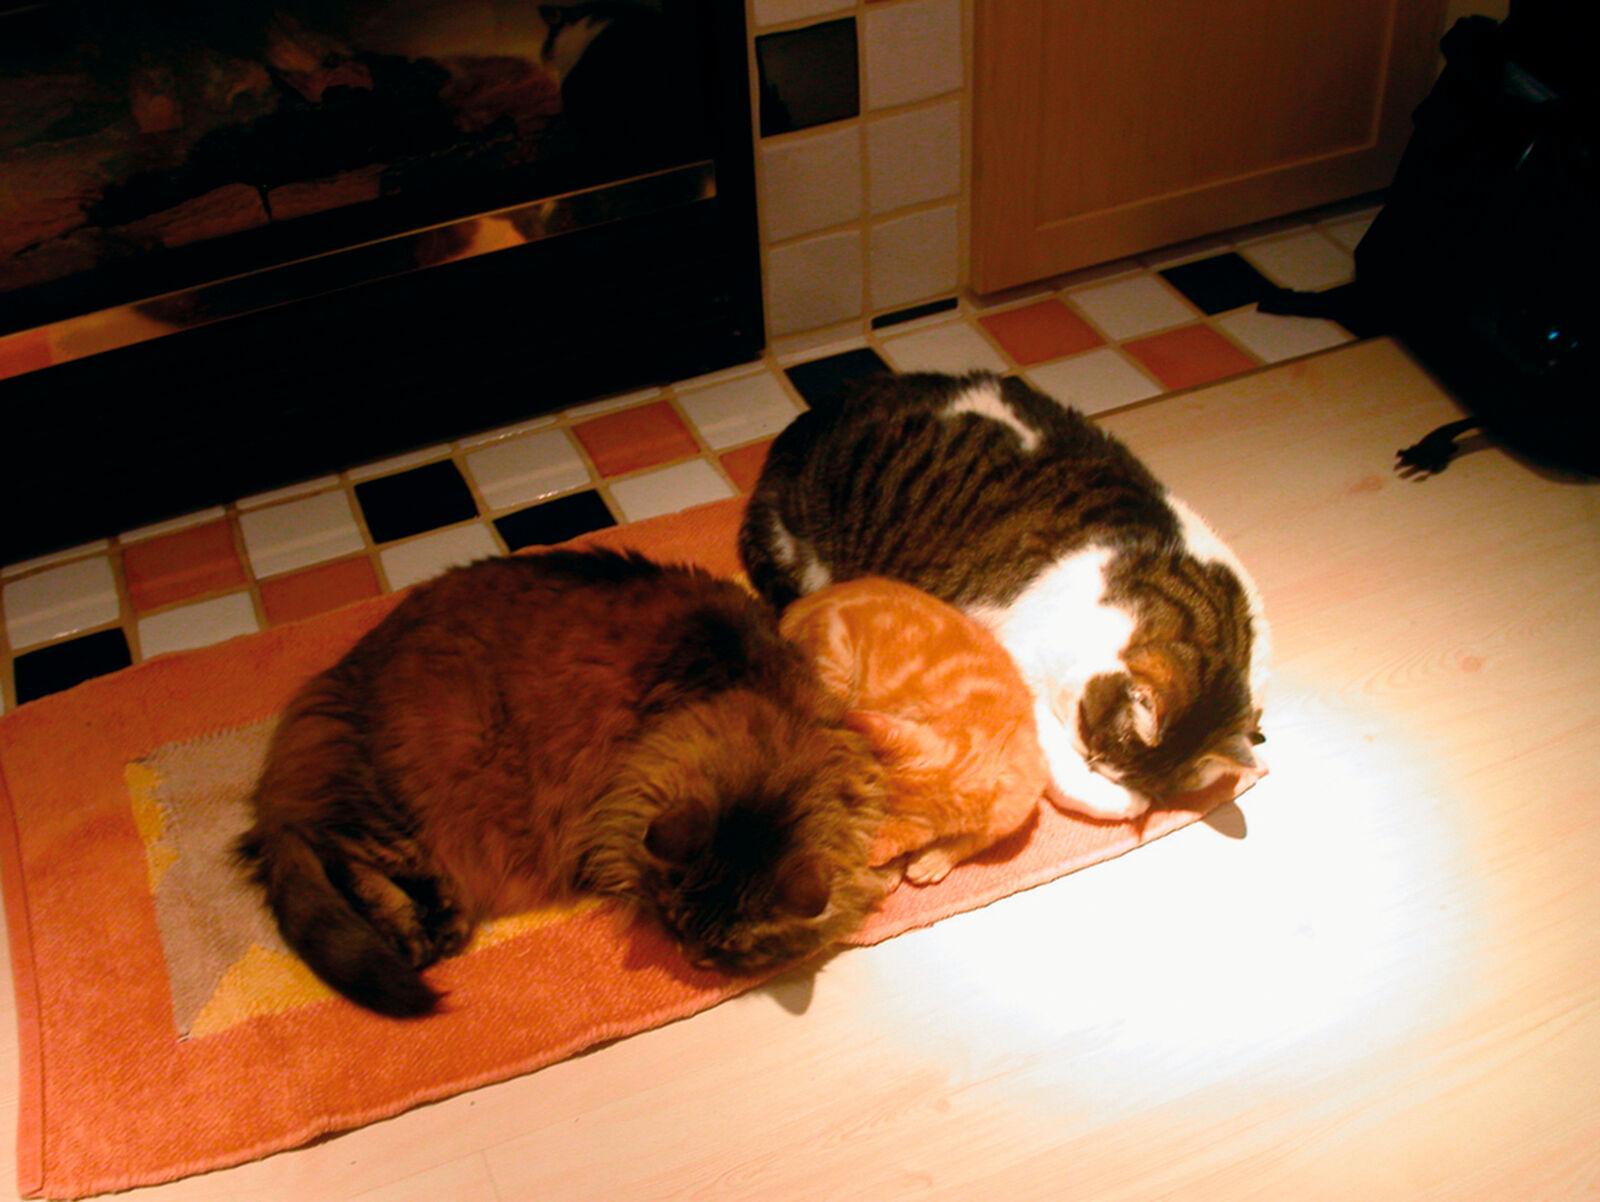 Figura 2. Se sono stati ben socializzati da gattini, e c'è spazio sufficiente con un numero adeguato di risorse separate, i gatti possono convivere felicemente.